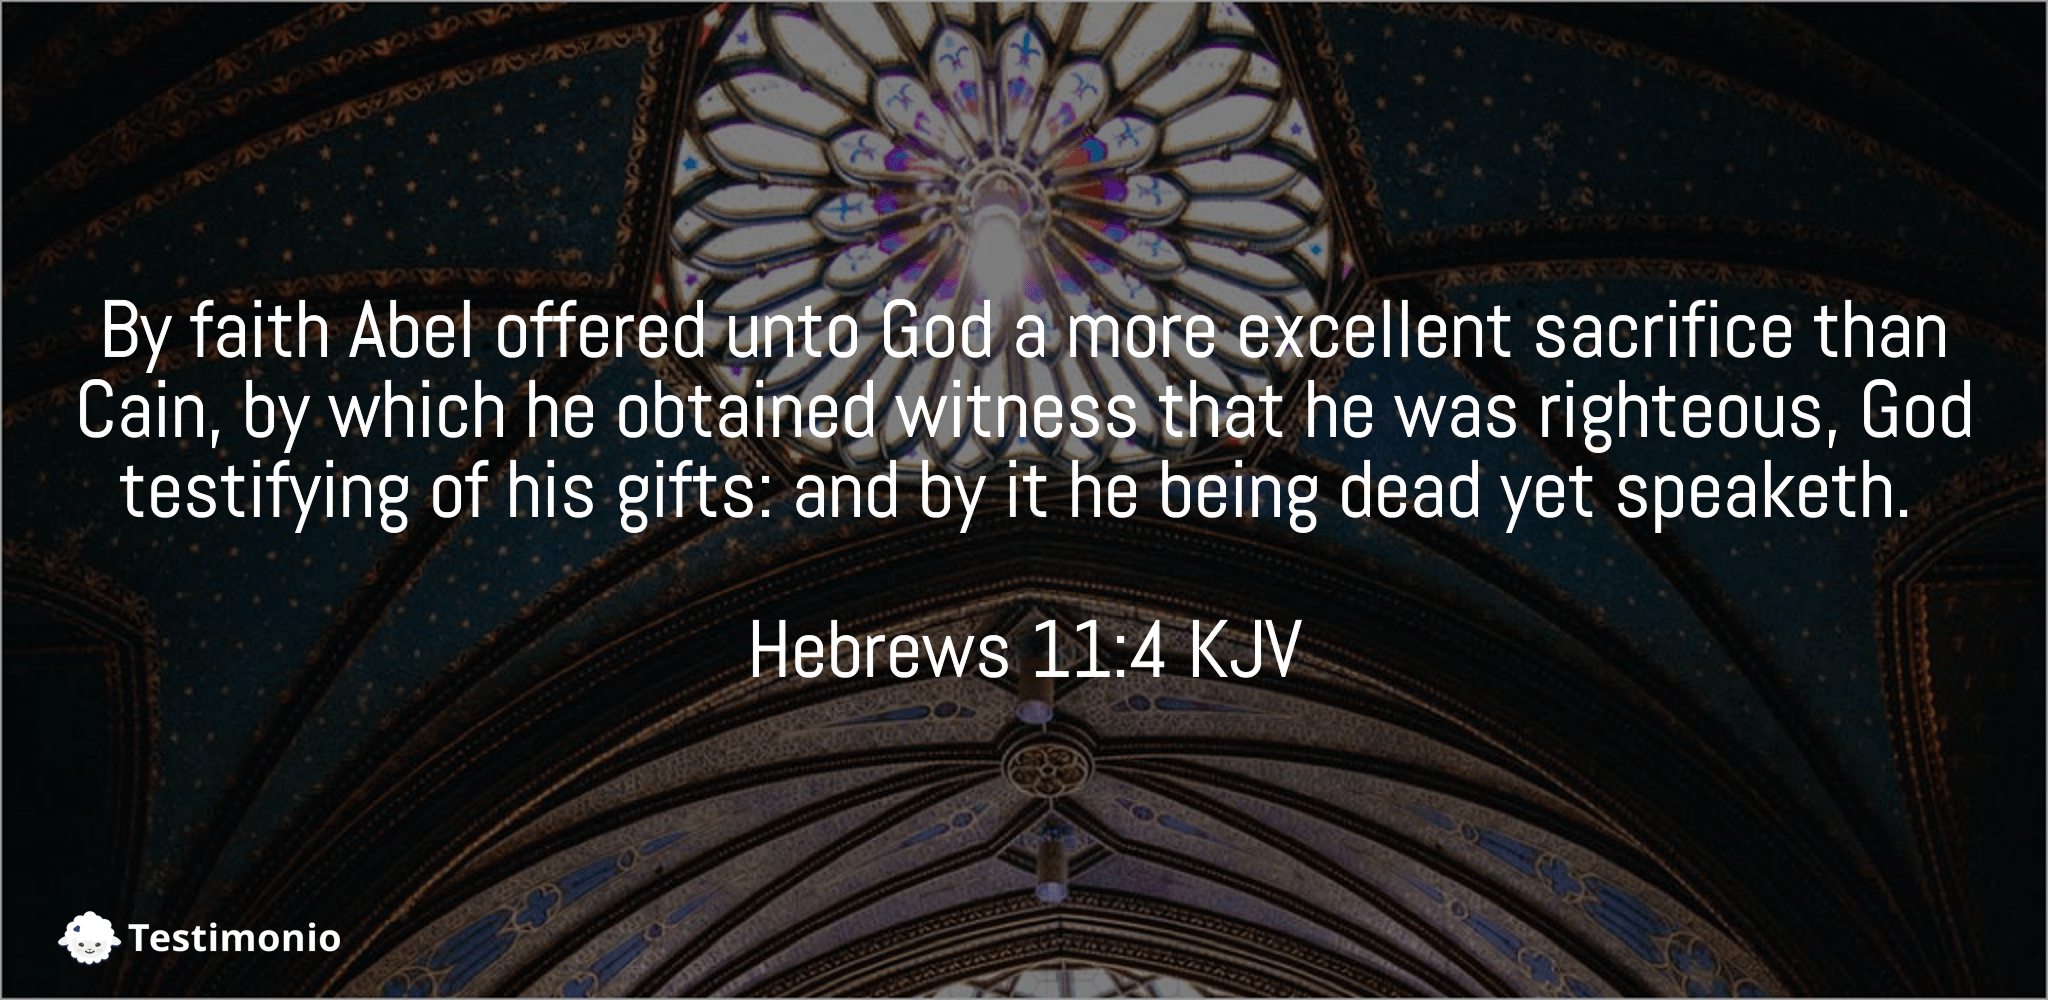 Hebrews 11:4